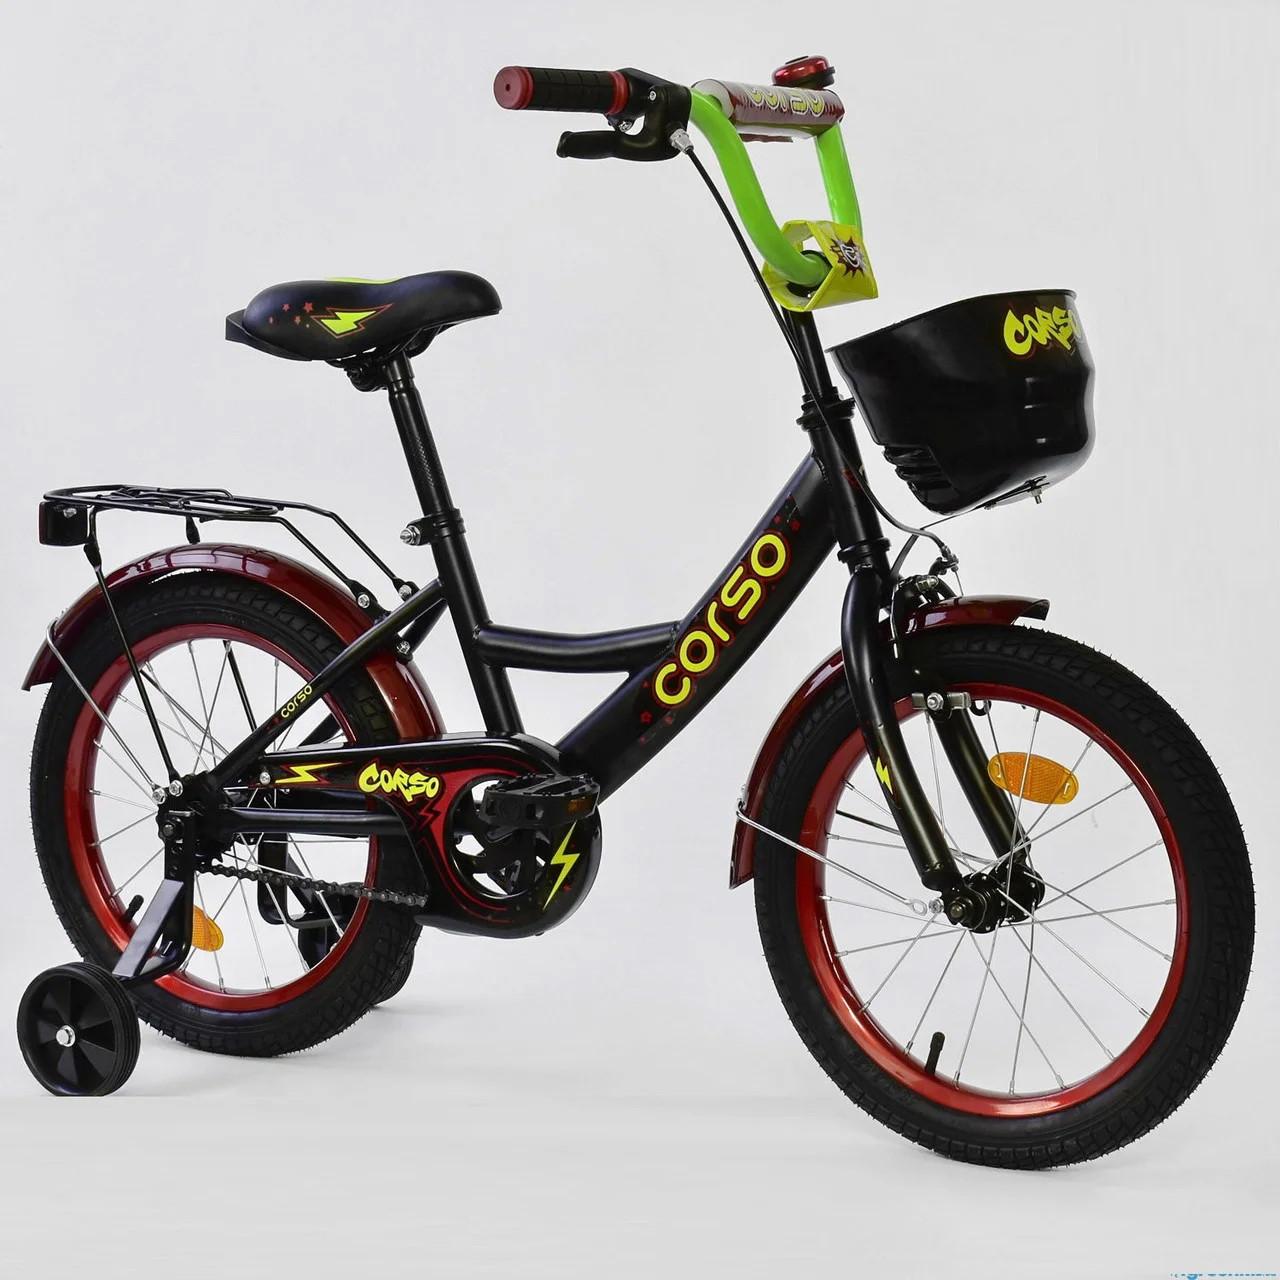 """Детский двухколесный велосипед 16"""" с ручным тормозом и родительской ручкой на сидении Corso G-16496 черный"""